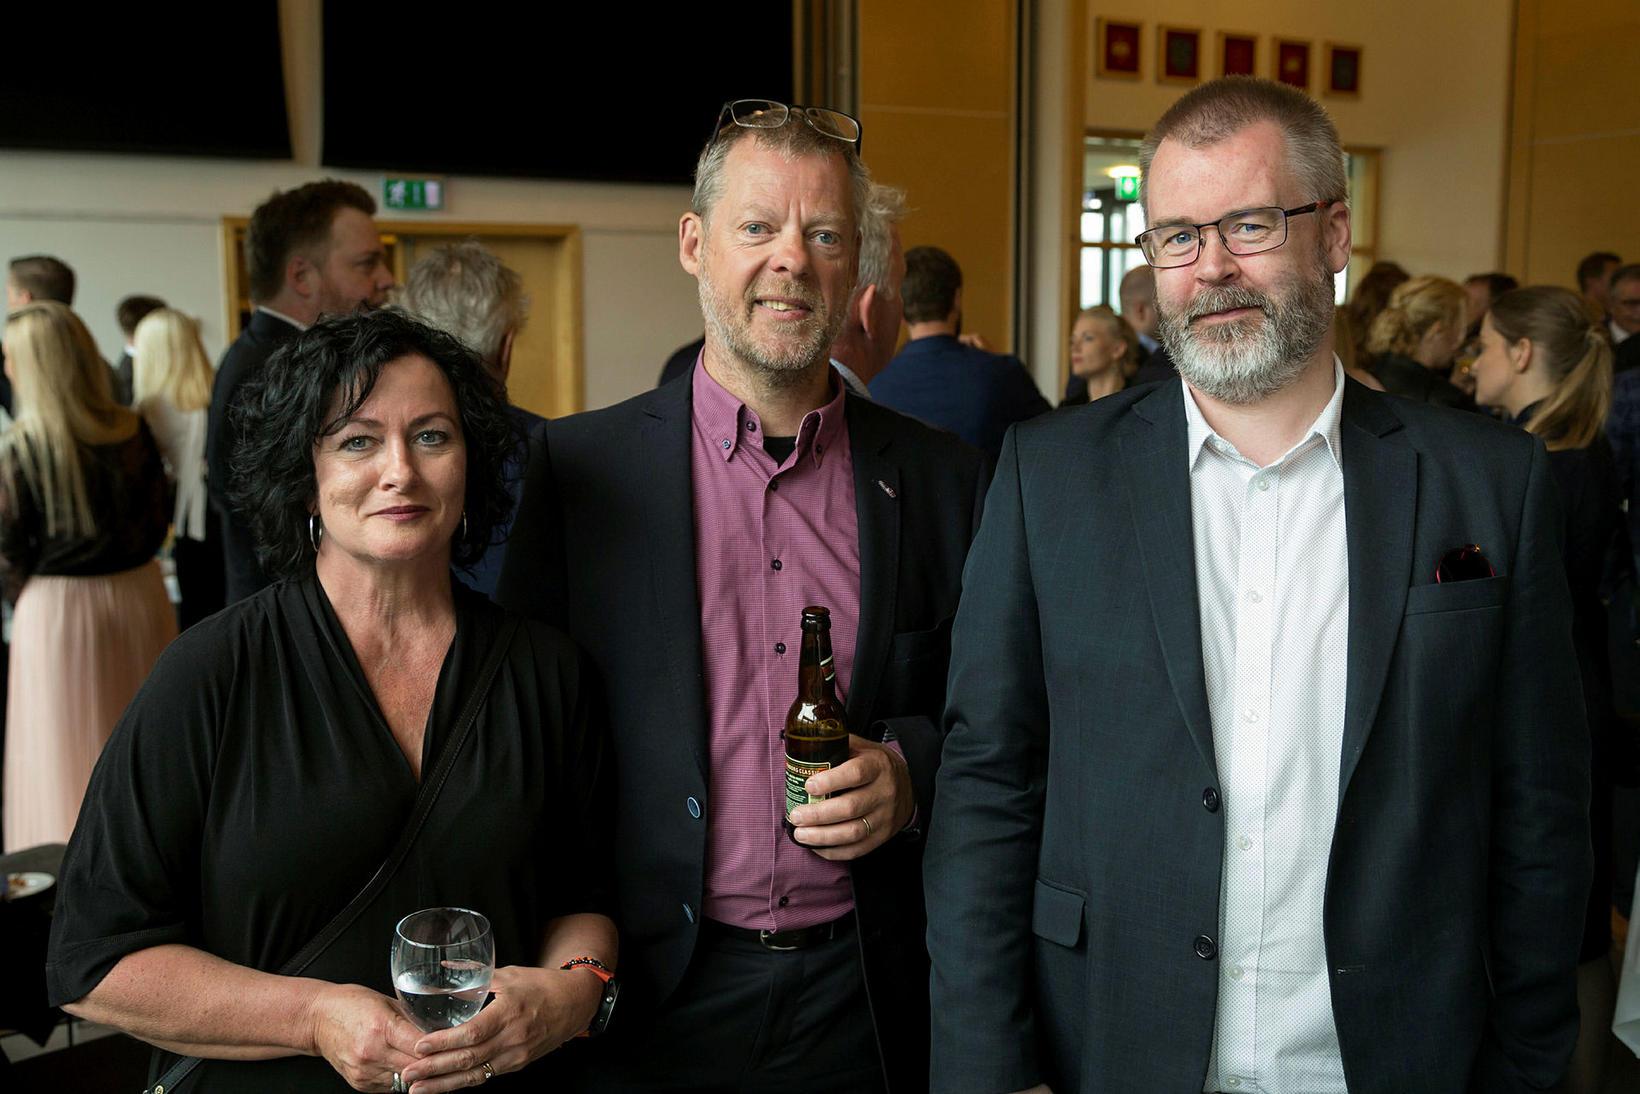 Hrafnhildur Hauksdóttir, Bolli Varlgarðsson og Óli Kristján Ármannsson.